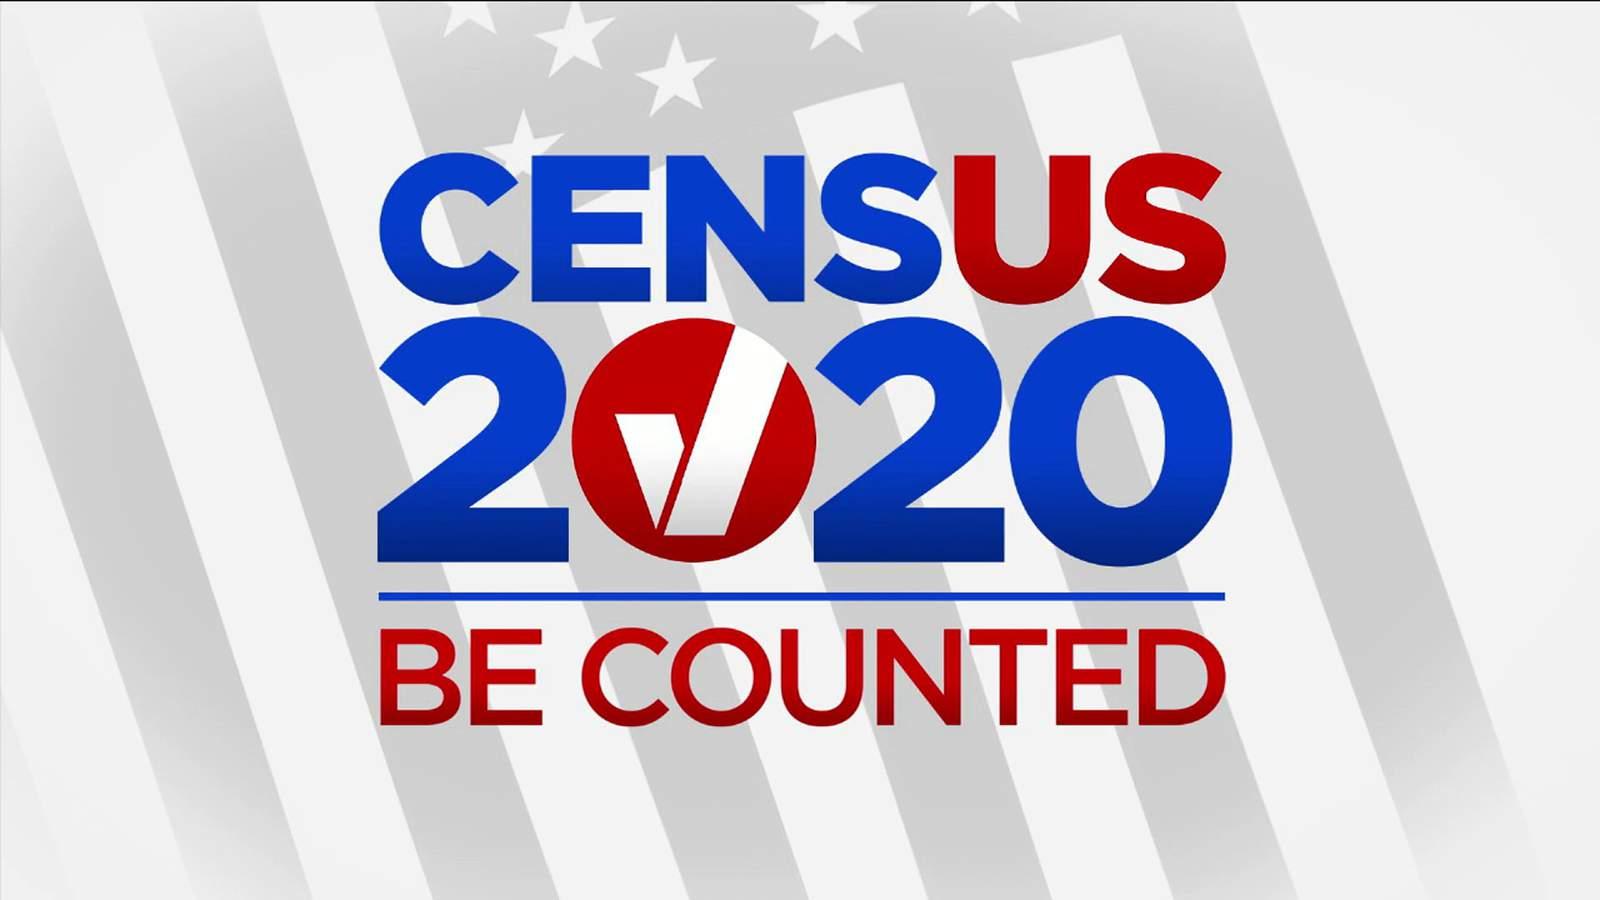 Đến hôm nay đã có hơn 96% trong tổng số các đơn vị gia cư được kiểm kê trong cuộc Thống Kê Dân Số 2020